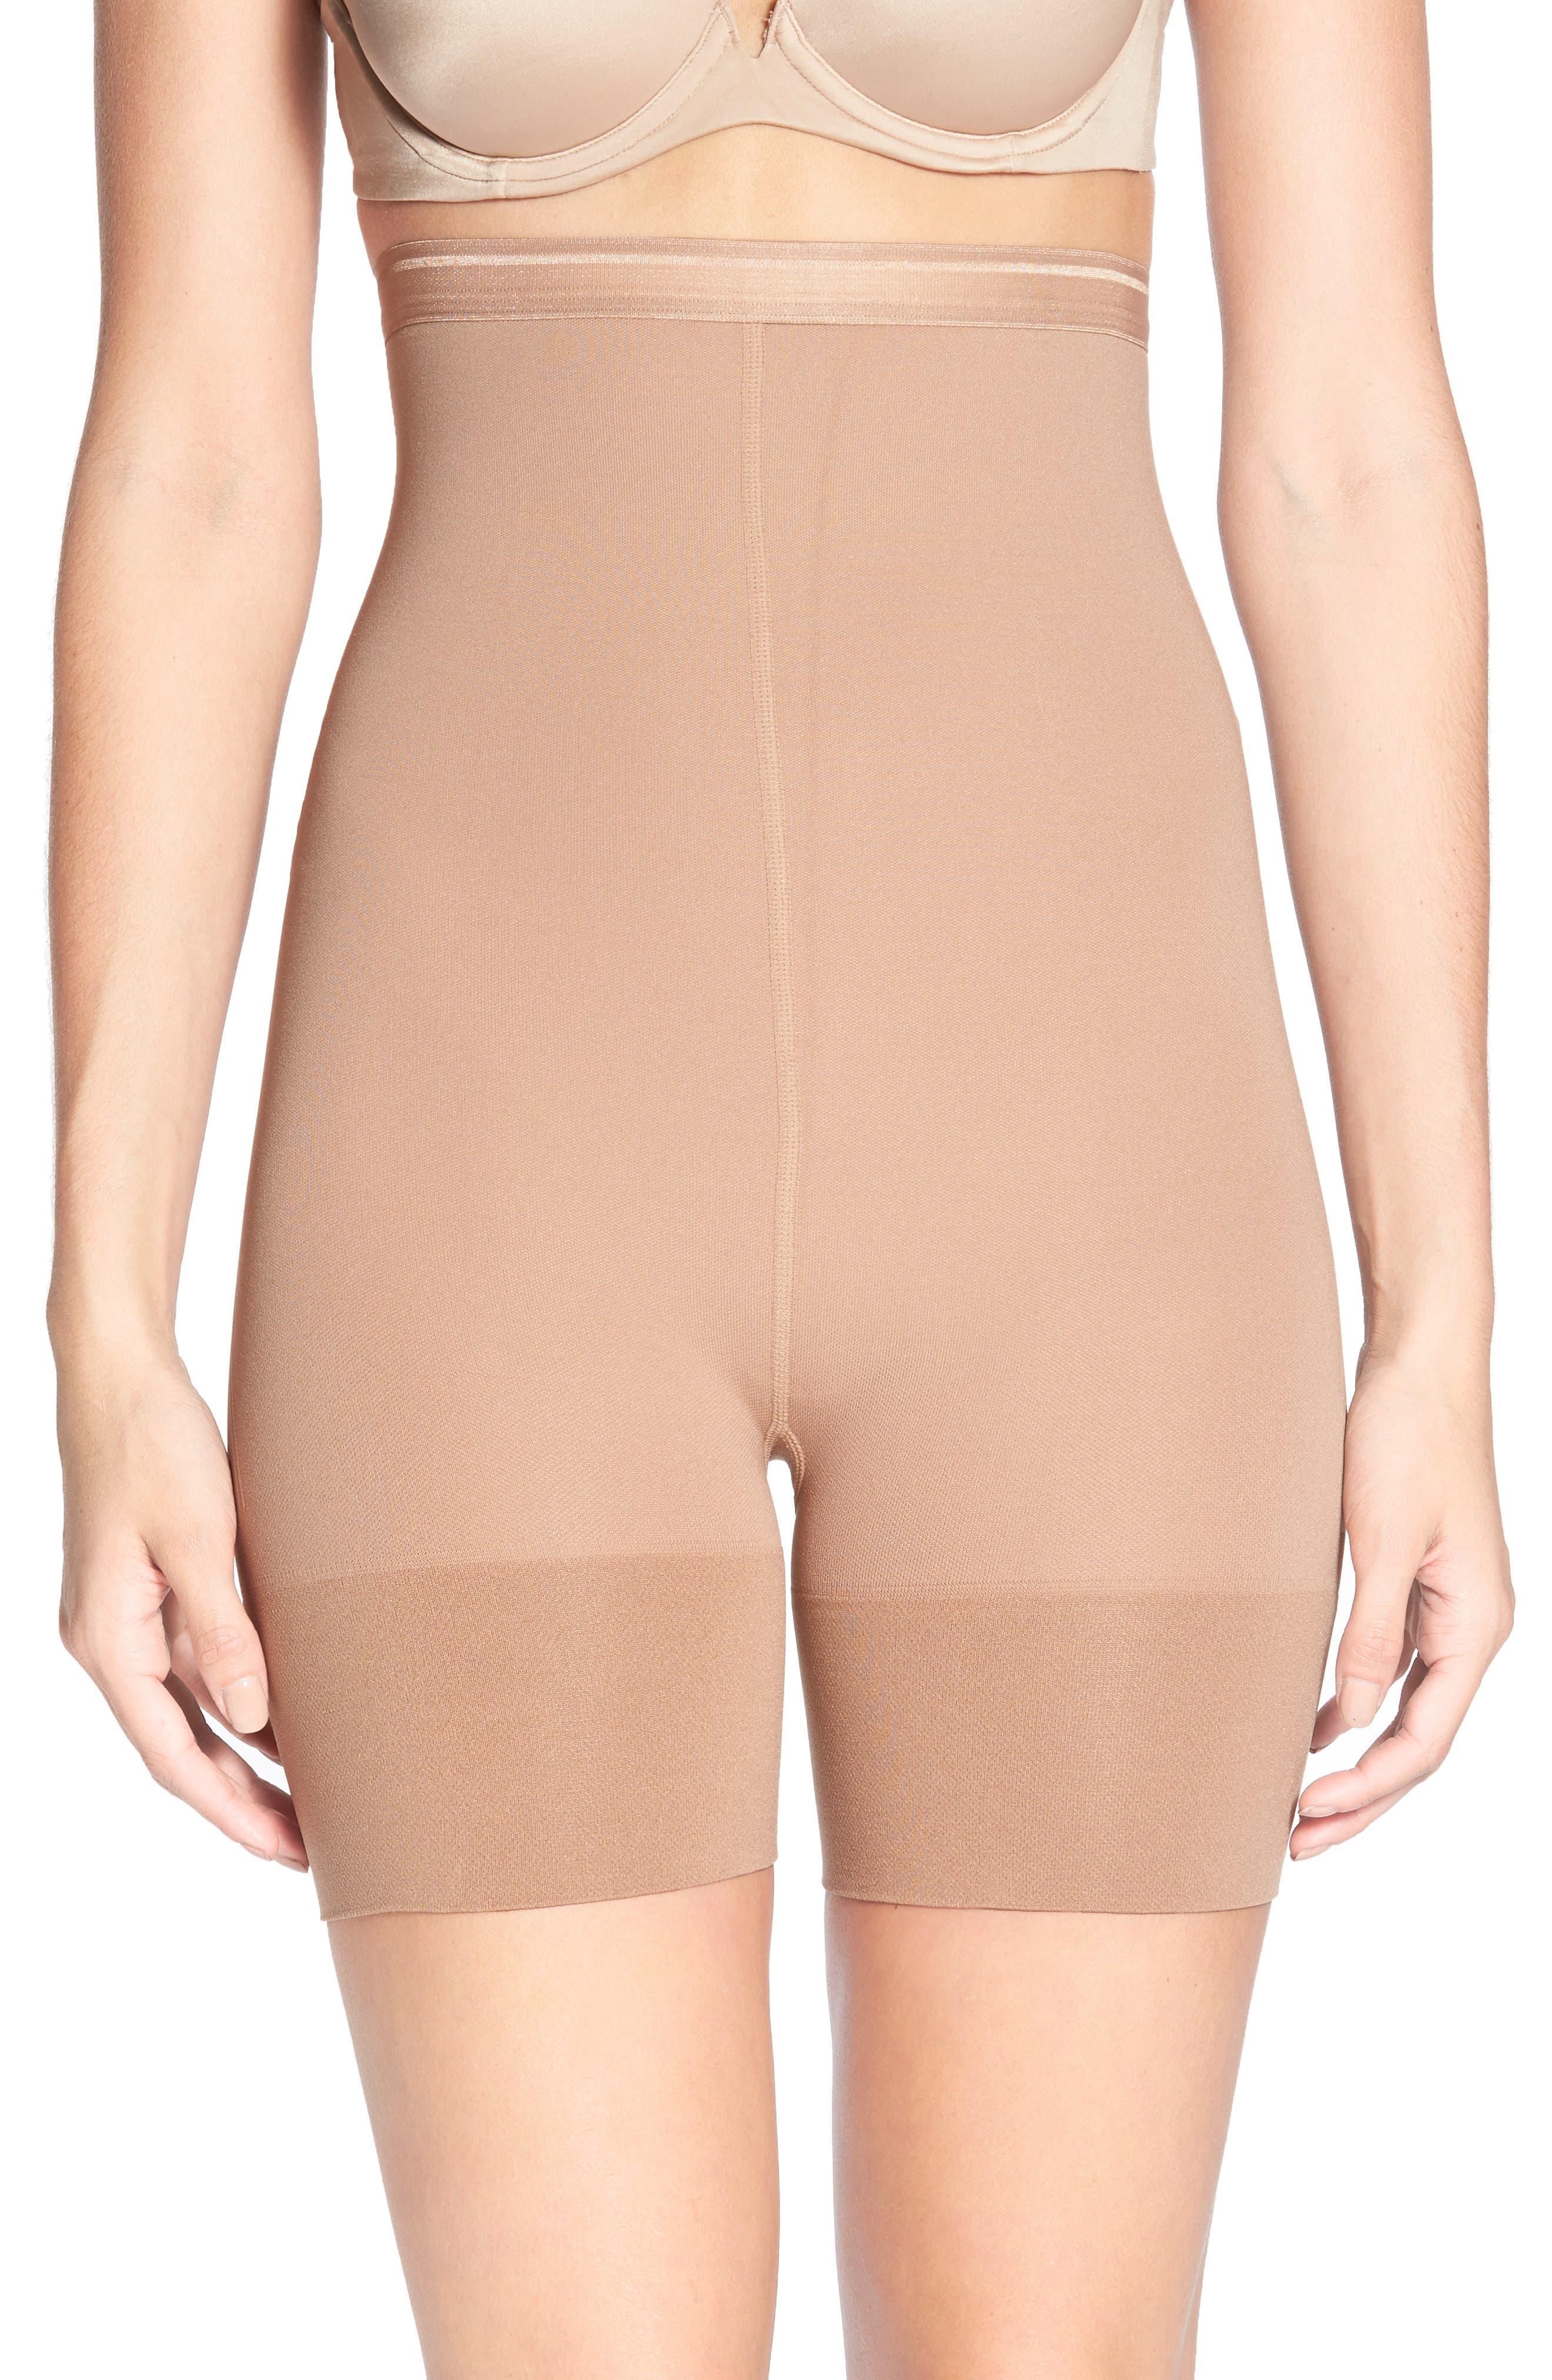 Shorty Shaping Shorts,                             Main thumbnail 1, color,                             Caramel